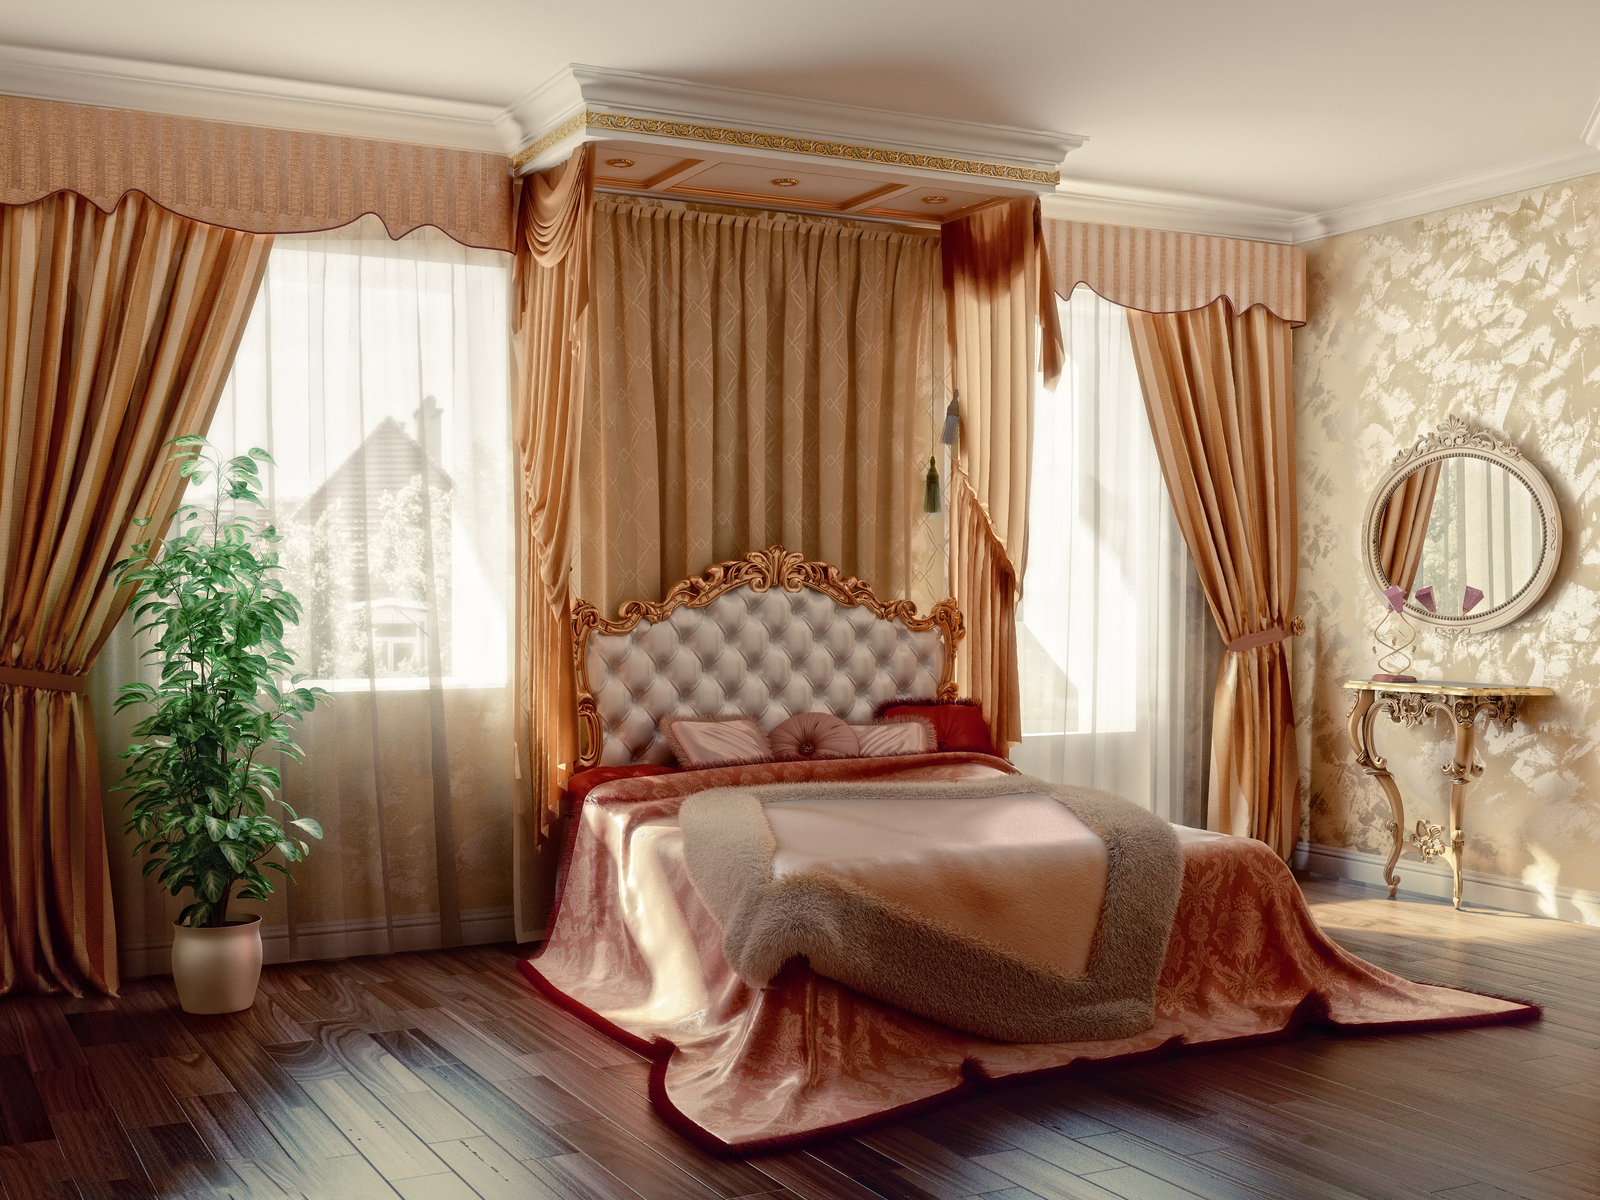 шторы спальни спальня сон отдых интерьер спальни